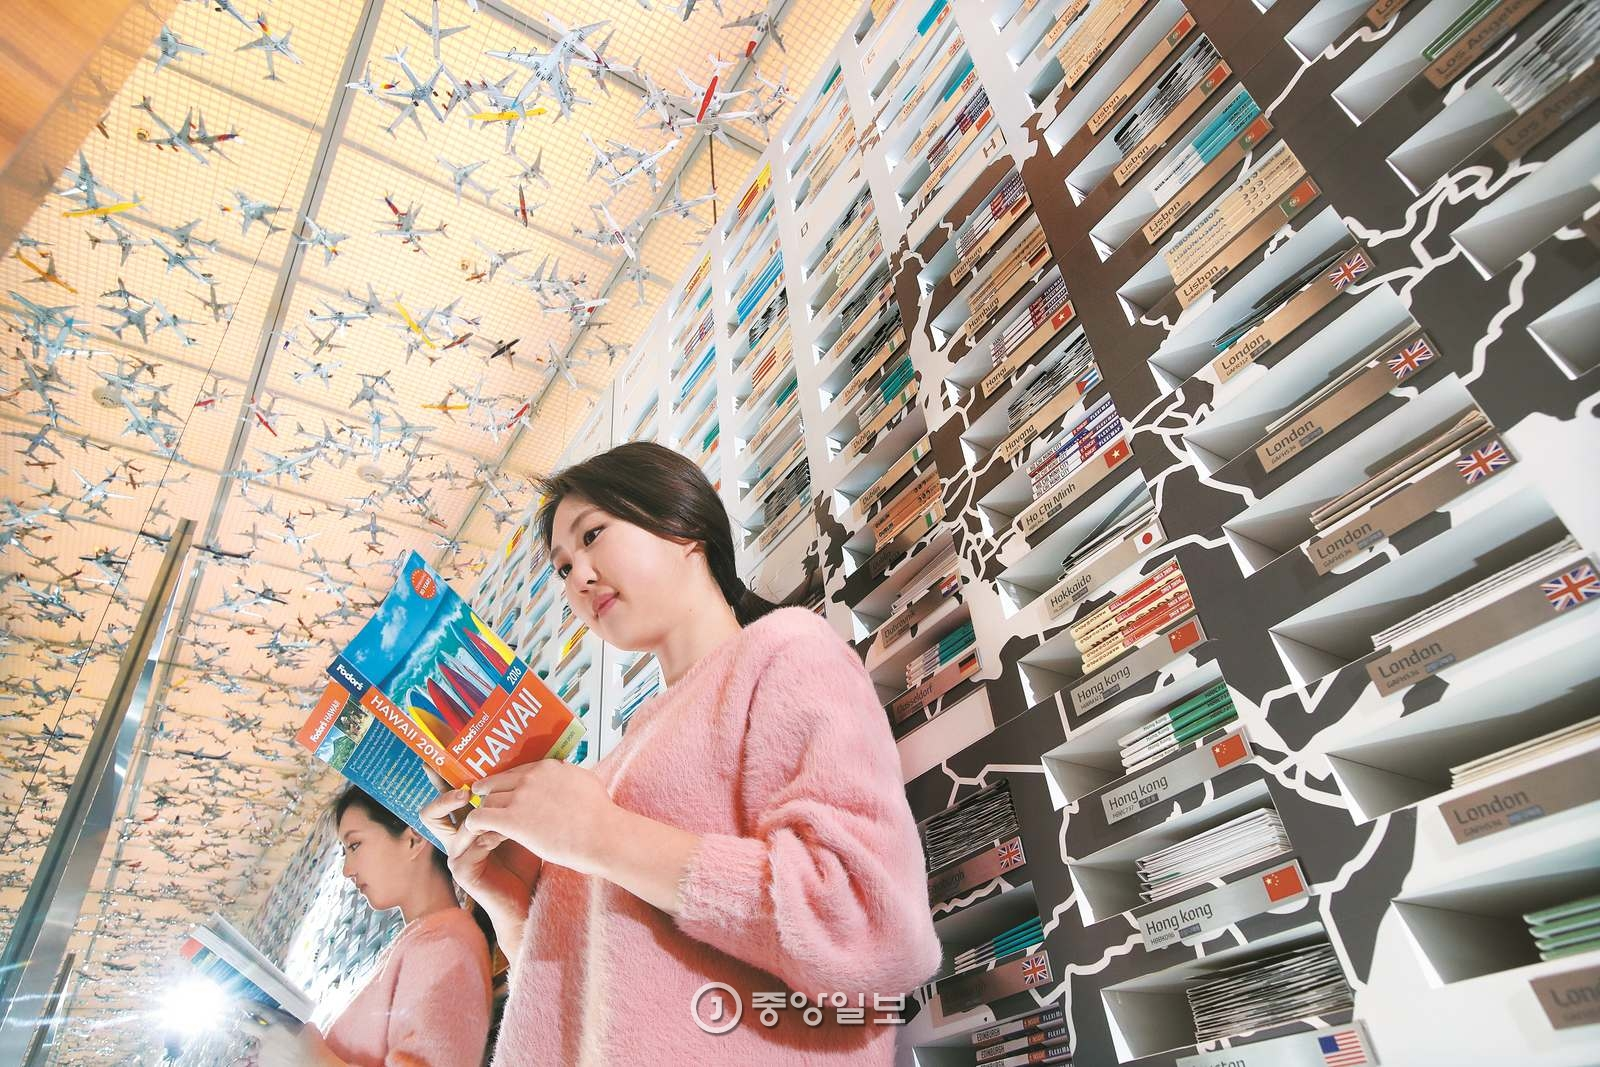 여행서적은 소중한 여행 친구다. 여행 에세이를 읽으며 언젠가 떠날 꿈을 꾸고, 가이드북을 옆구리에 끼고 낯선 도시의 골목을 누빈다. 서울 청담동 트래블 라이브러리 같은 곳을 찾아 책 여행을 떠나기도 한다.